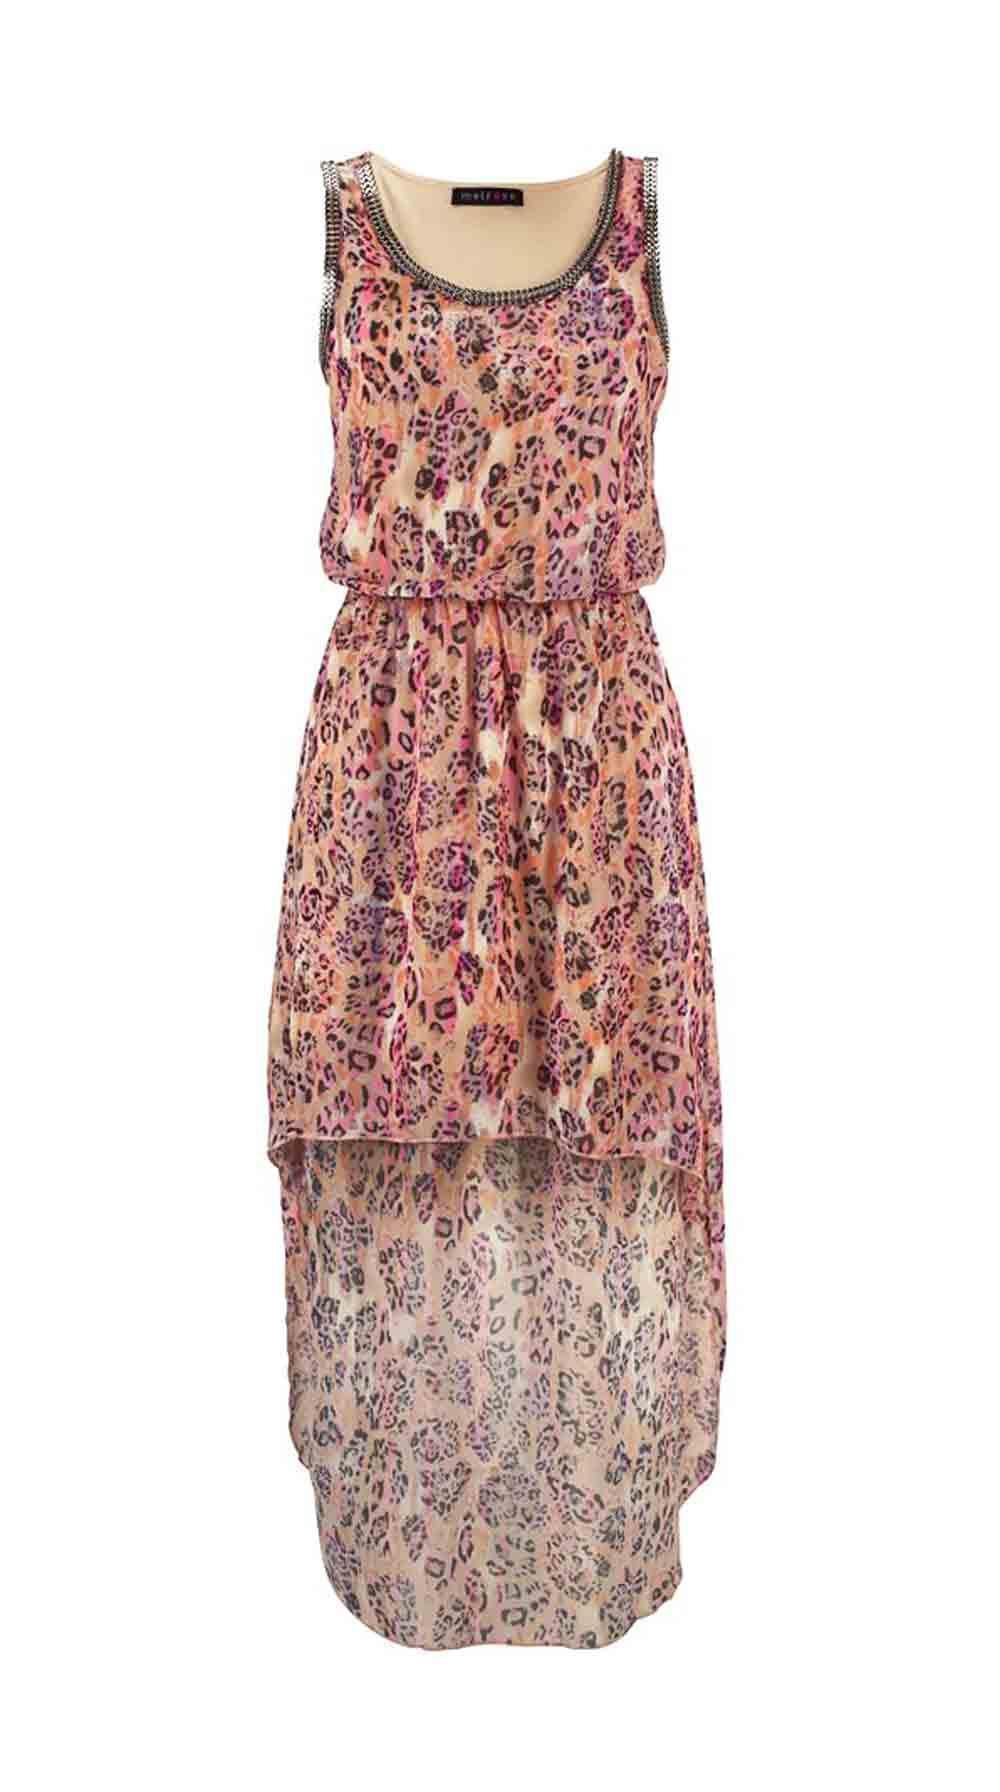 Asymmetrisches Chiffonkleid Apricotbunt Gr 40  Kleider